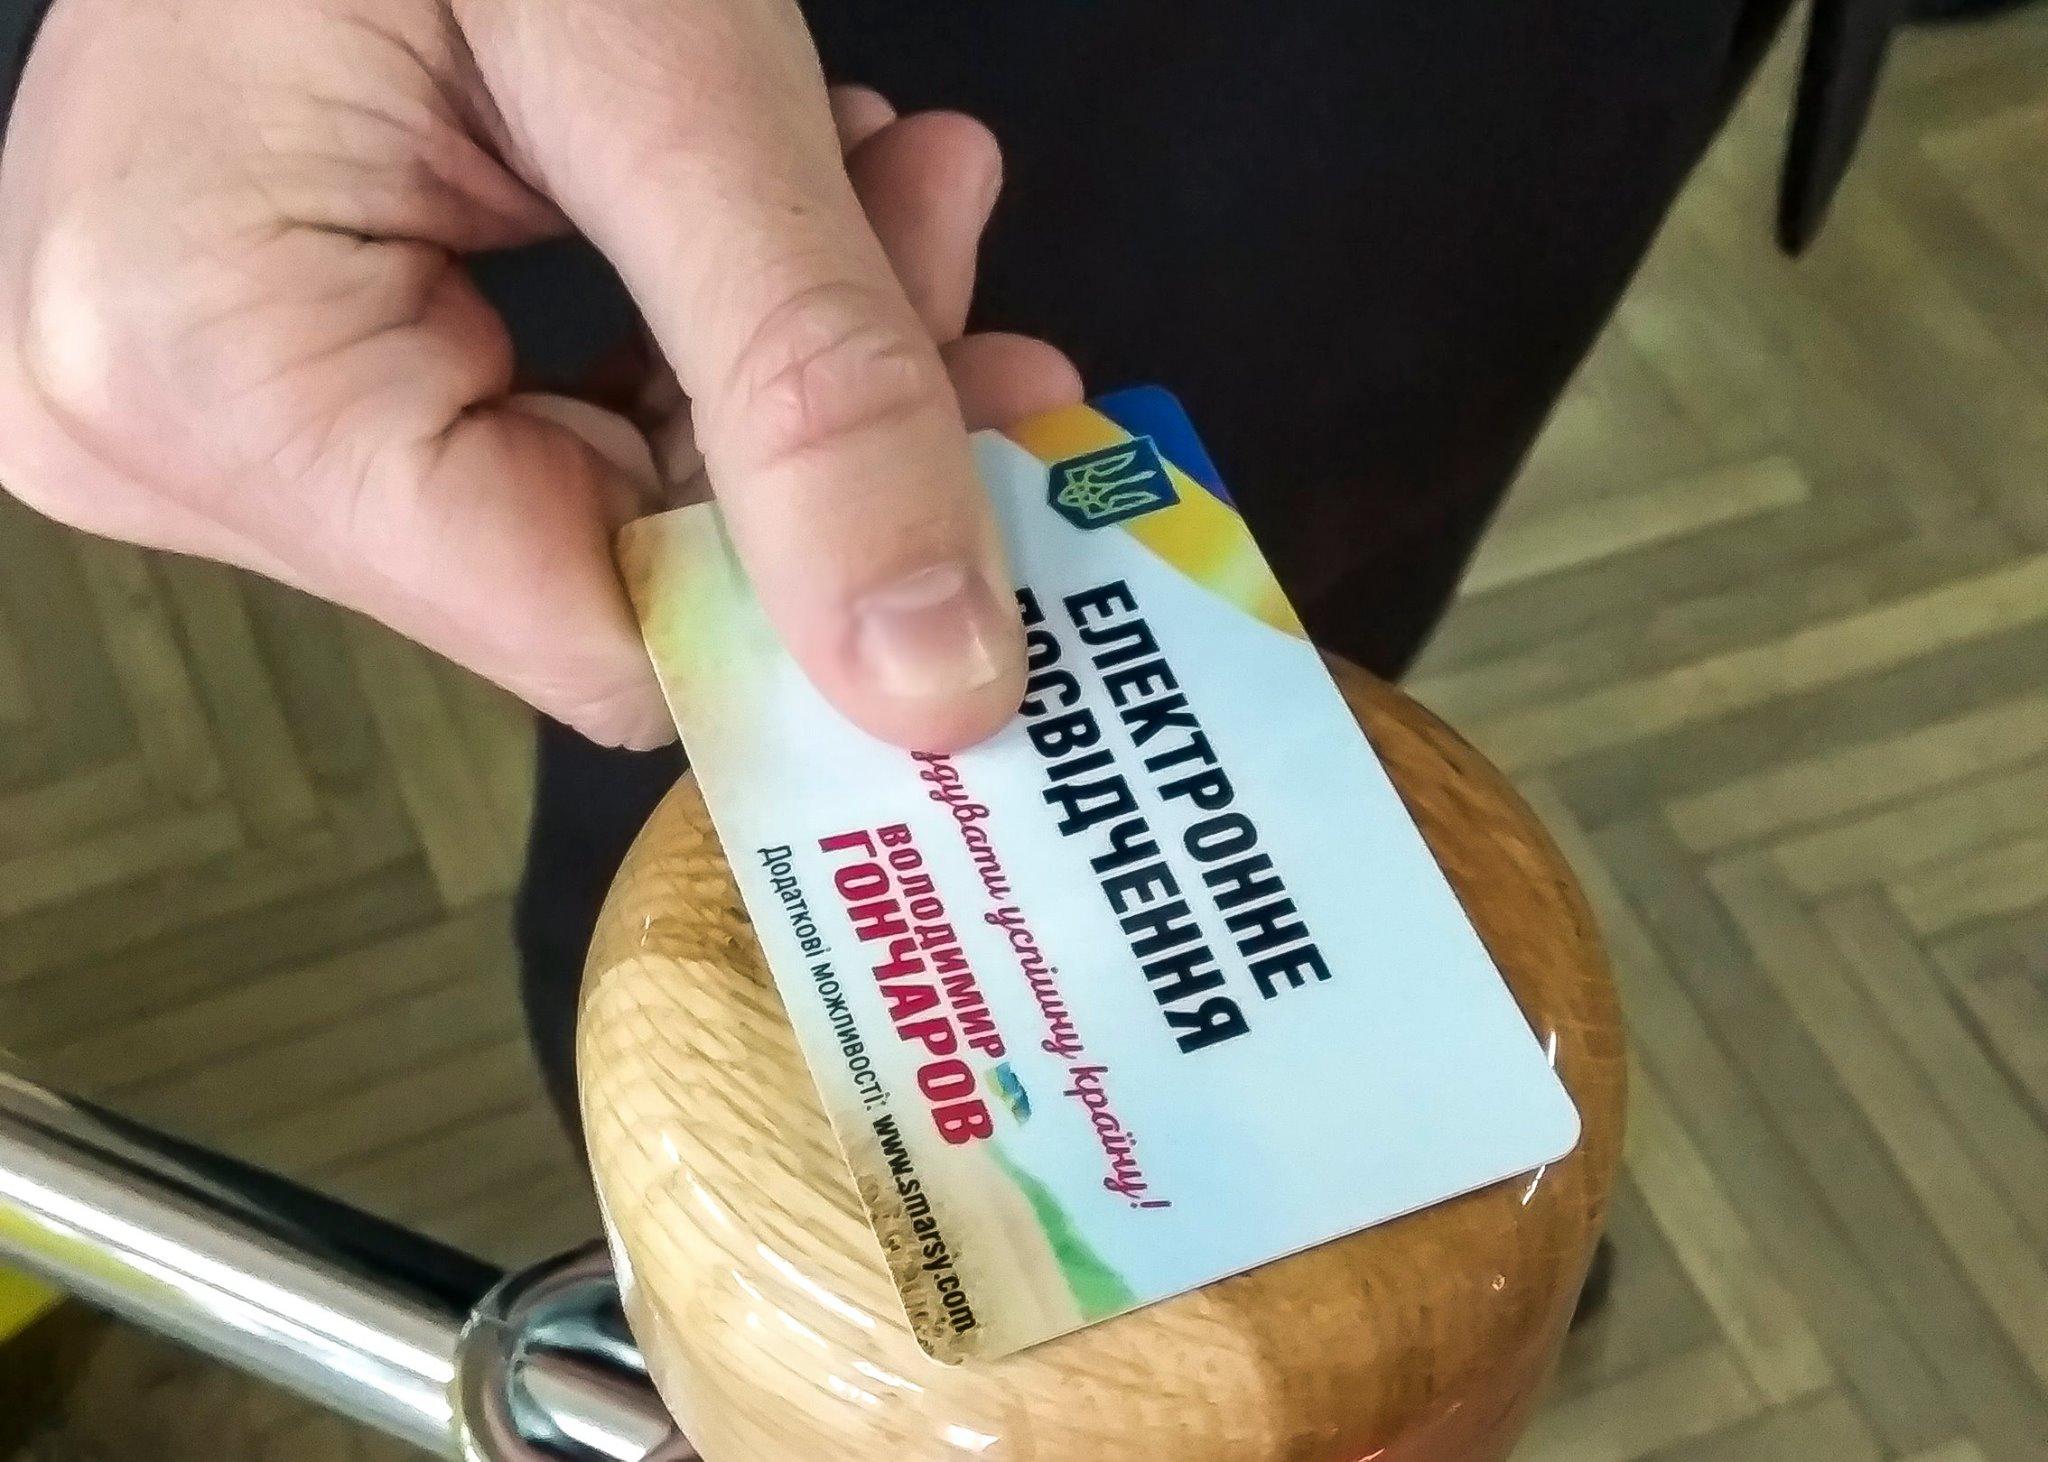 Учащиеся киевской школы № 62 получили электронные удостоверения